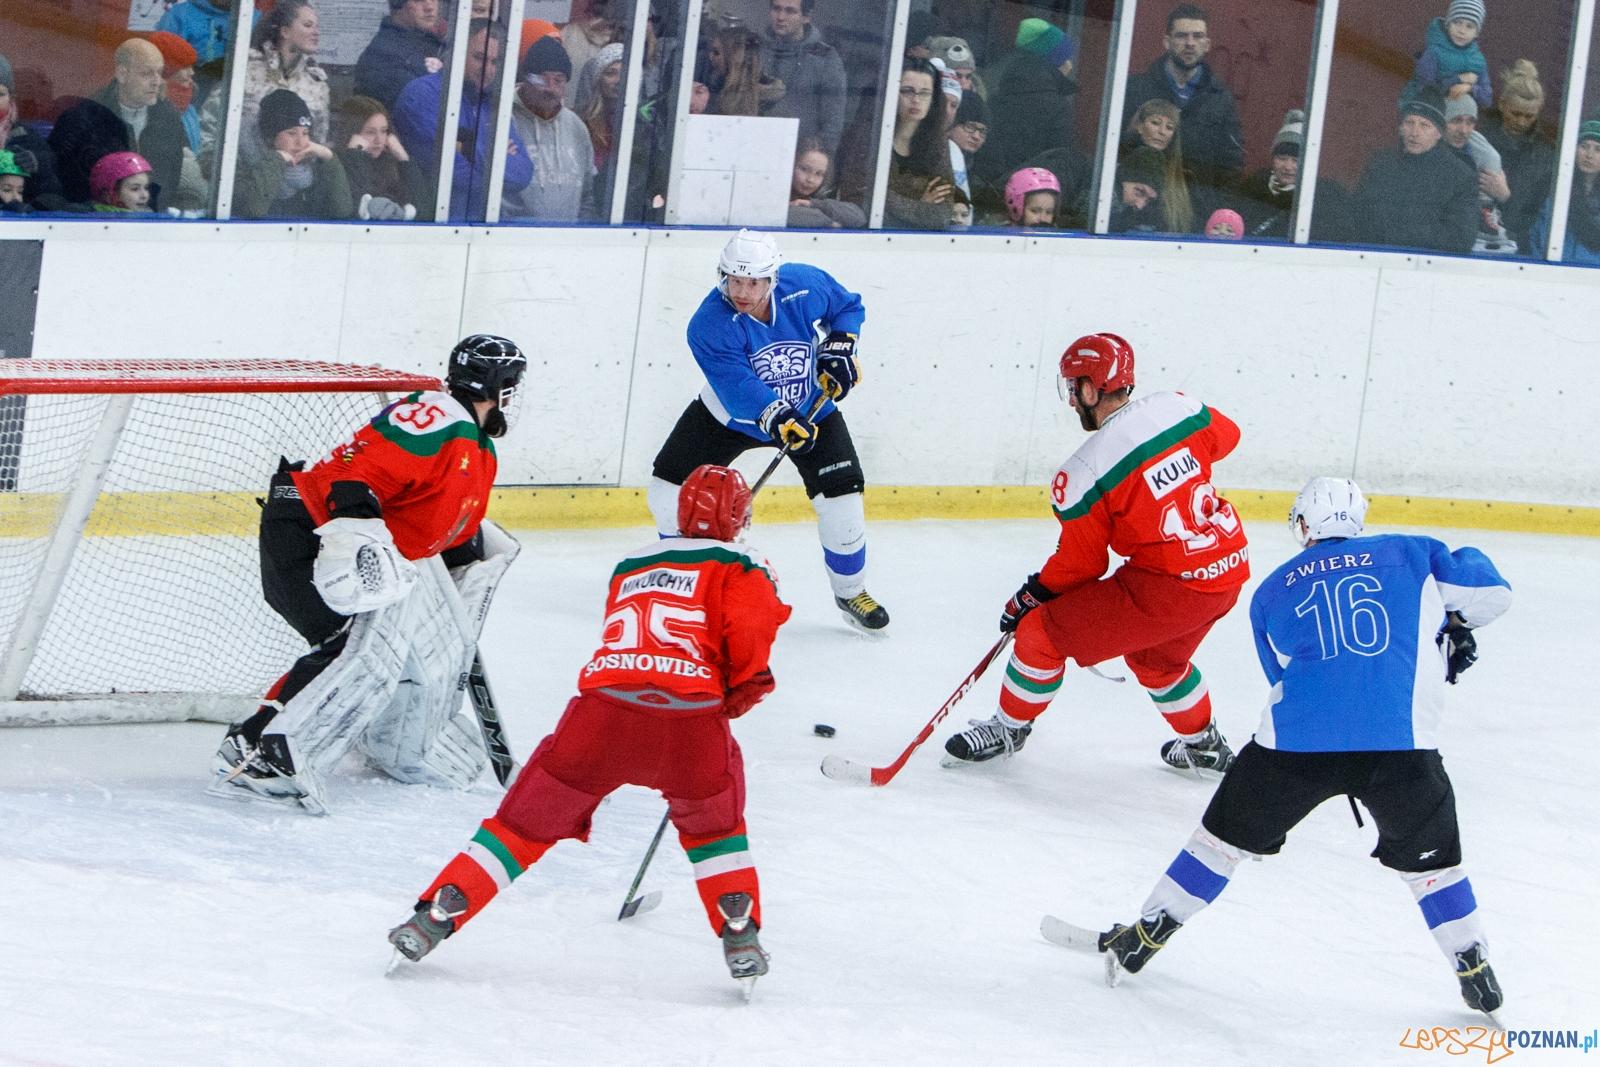 Hokej Poznań - Zagłębie Sosnowiec 2:13 - Poznań 12.02.2017 r  Foto: LepszyPOZNAN.pl / Paweł Rychter